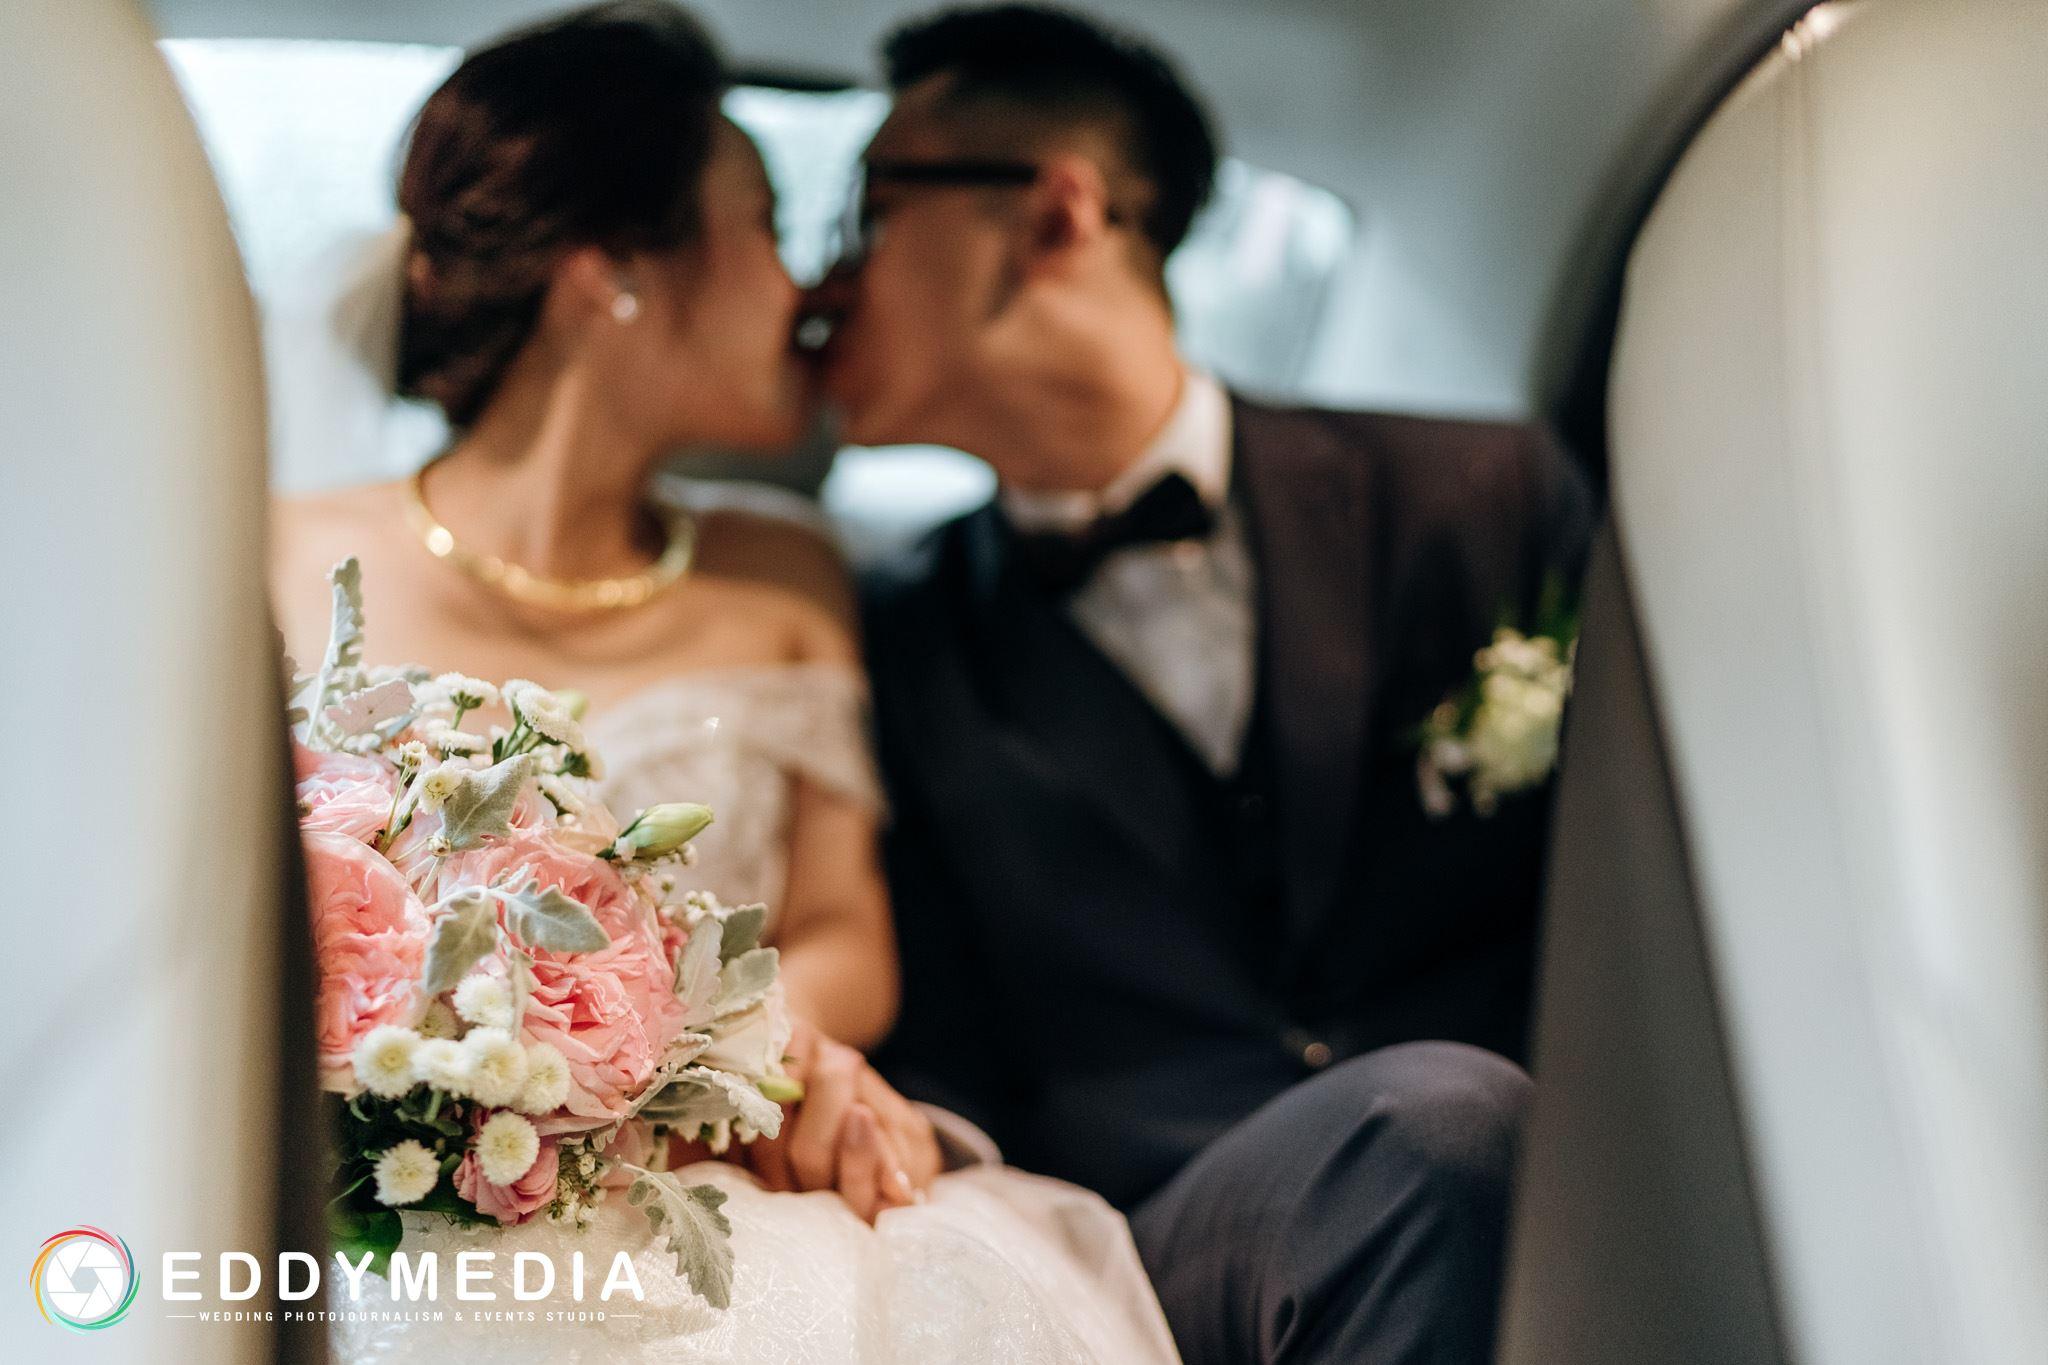 Phongsucuoi Vuduc KhanhLy EddyMedia 64 yêu người kém tuổi,lấy chồng kém tuổi,lấy chồng kém 10 tuổi